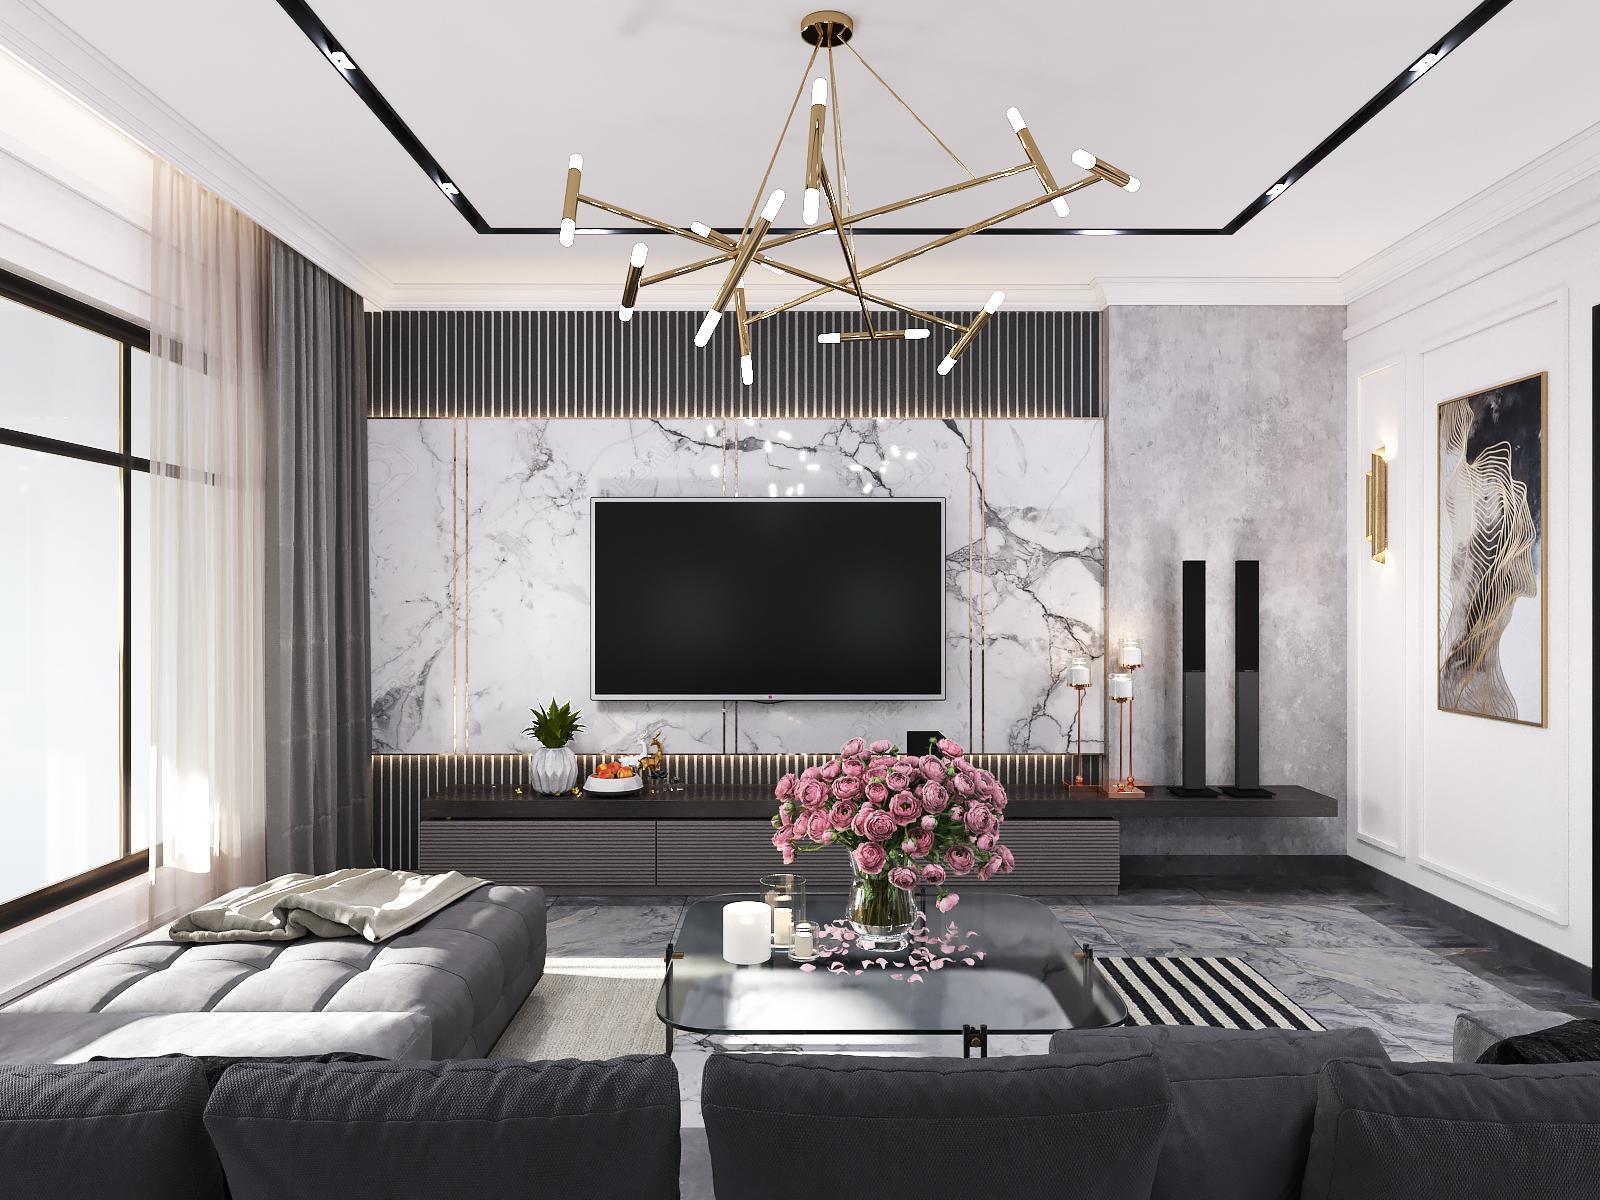 Thiết kế nội thất Nhà Mặt Phố tại Hồ Chí Minh Nhà phố Vườn Lài Tân Phú 1593399392 13